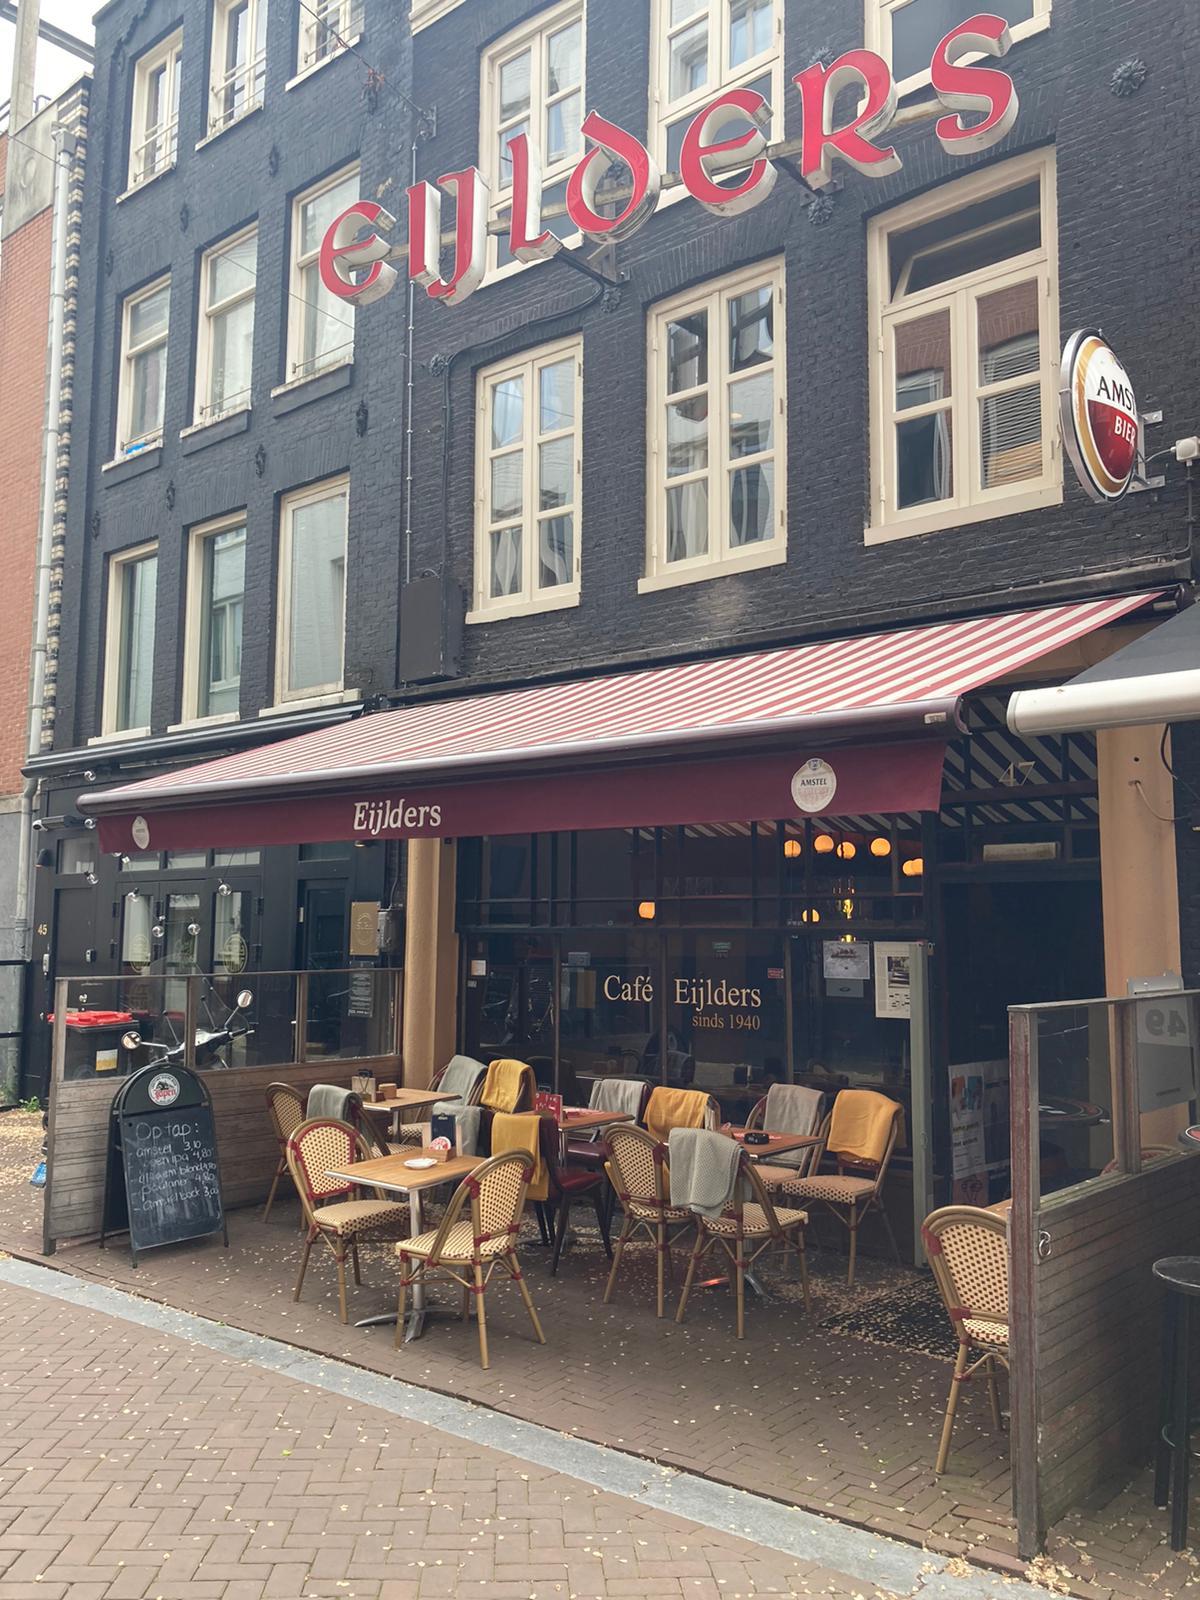 Café Eijlders